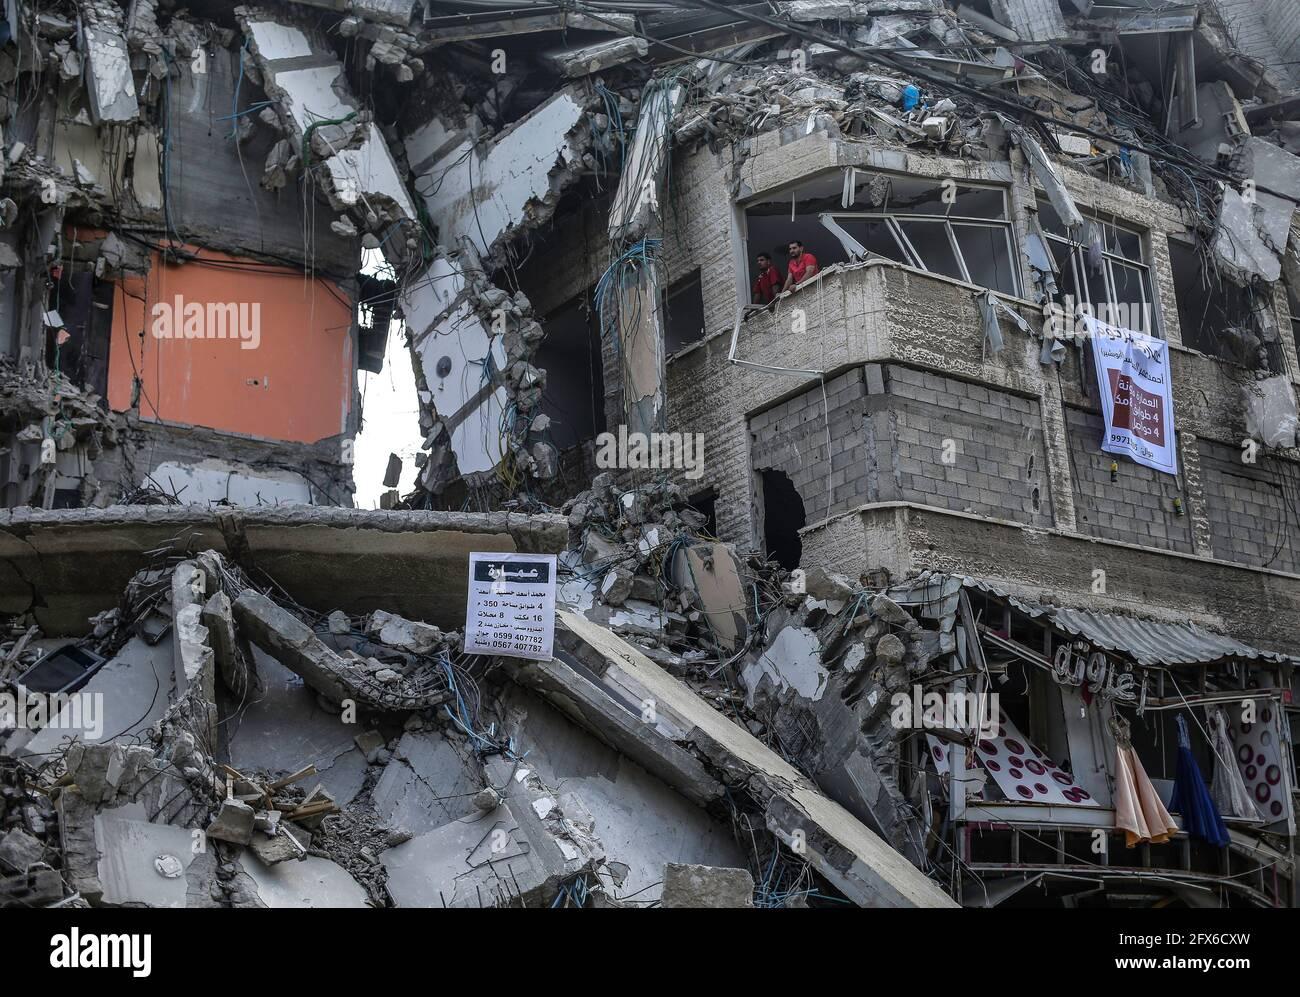 Gaza, Palästina. Mai 2021. Palästinenser, die nach dem Waffenstillstand zwischen Israel und den Aktivisten des Gazastreifens in Gaza-Stadt unter zerstörten Häusern zu sehen sind. DER US-Spitzendiplomat Antony Blinken schwor Unterstützung beim Wiederaufbau des zerrütteten Gazastreifens und bei der Unterstützung eines Waffenstillstands zwischen der Hamas und Israel, bestand aber darauf, dass die militanten islamistischen Herrscher des Territoriums von keiner Hilfe profitieren würden. Kredit: SOPA Images Limited/Alamy Live Nachrichten Stockfoto